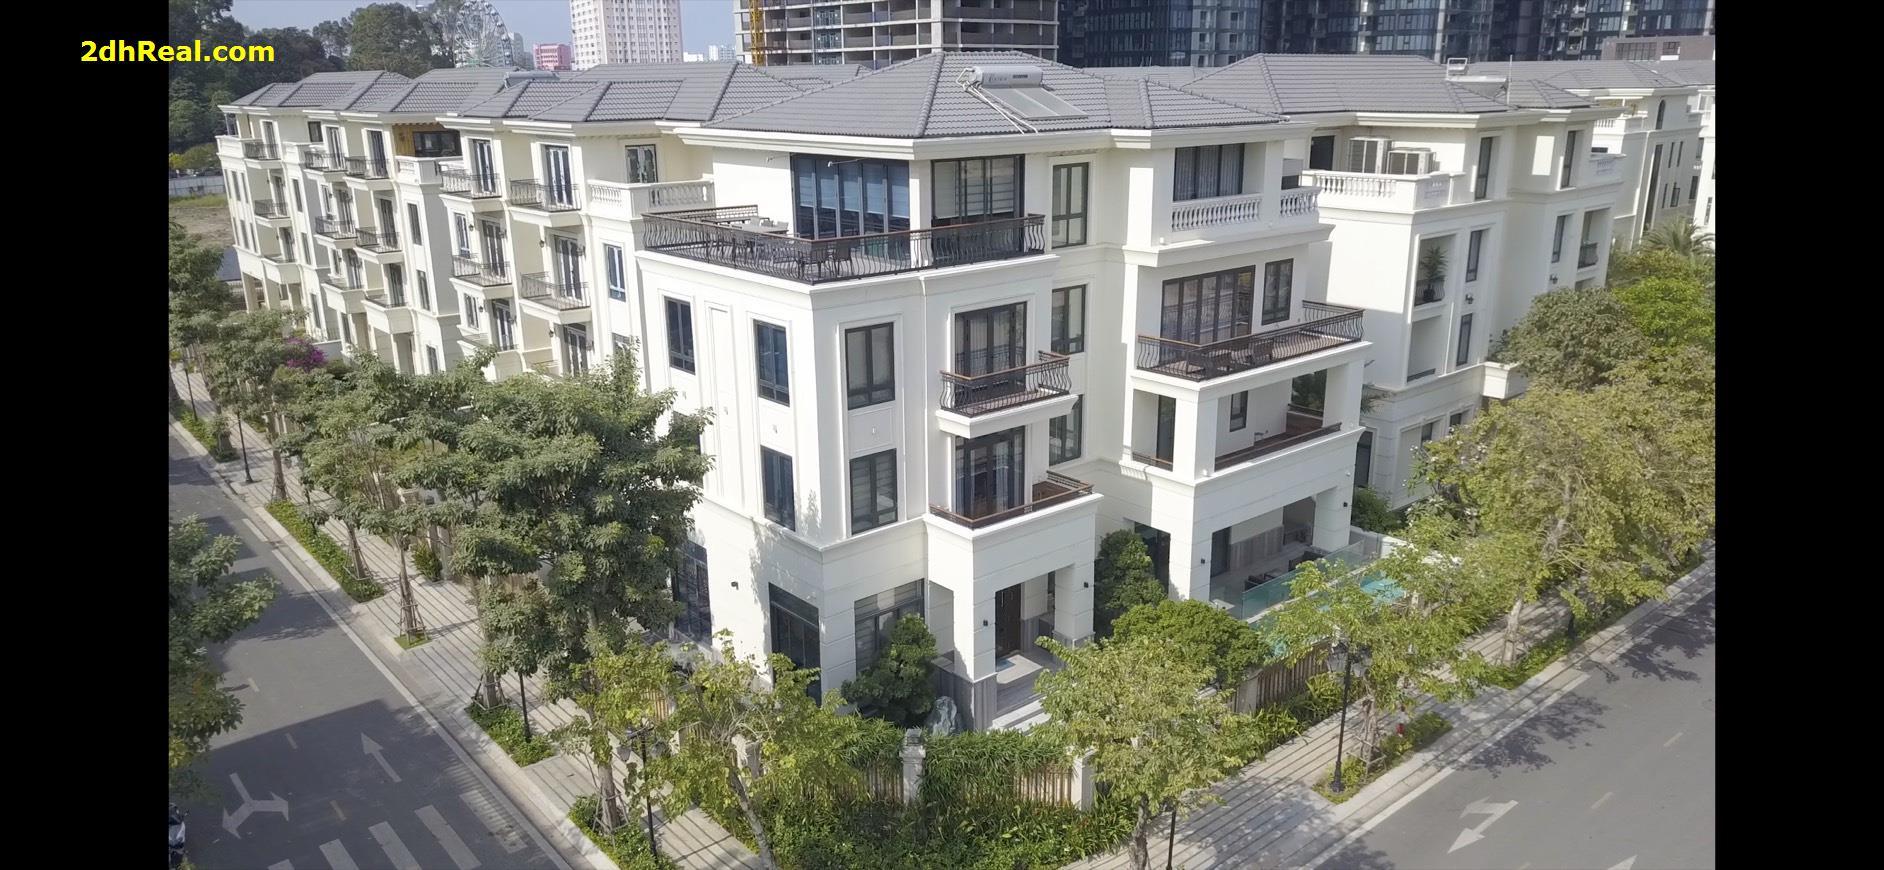 Bán Villa Thượng Lưu Giữa Trung Tâm Thành Phố